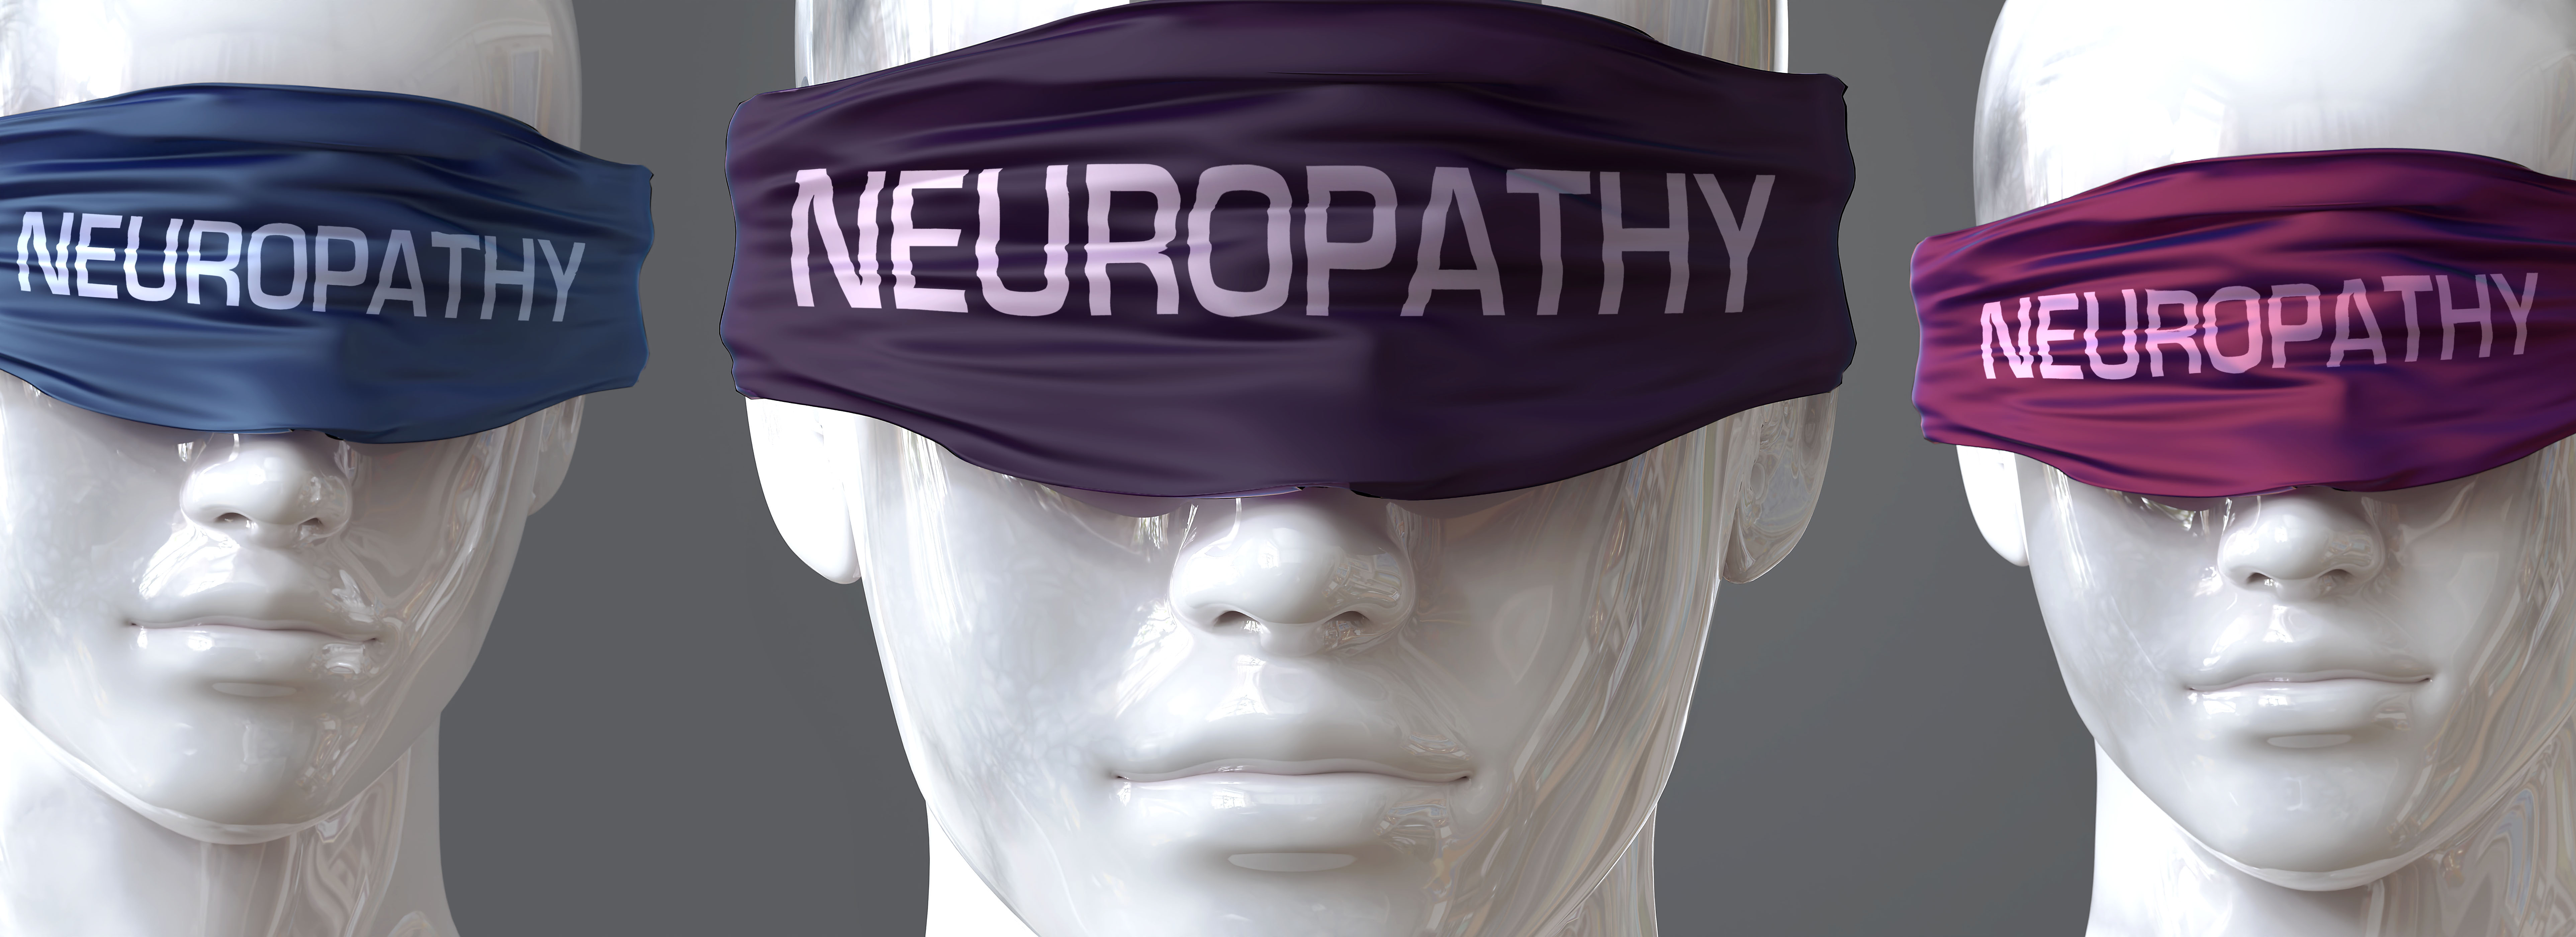 Median nerve entrapment syndrome